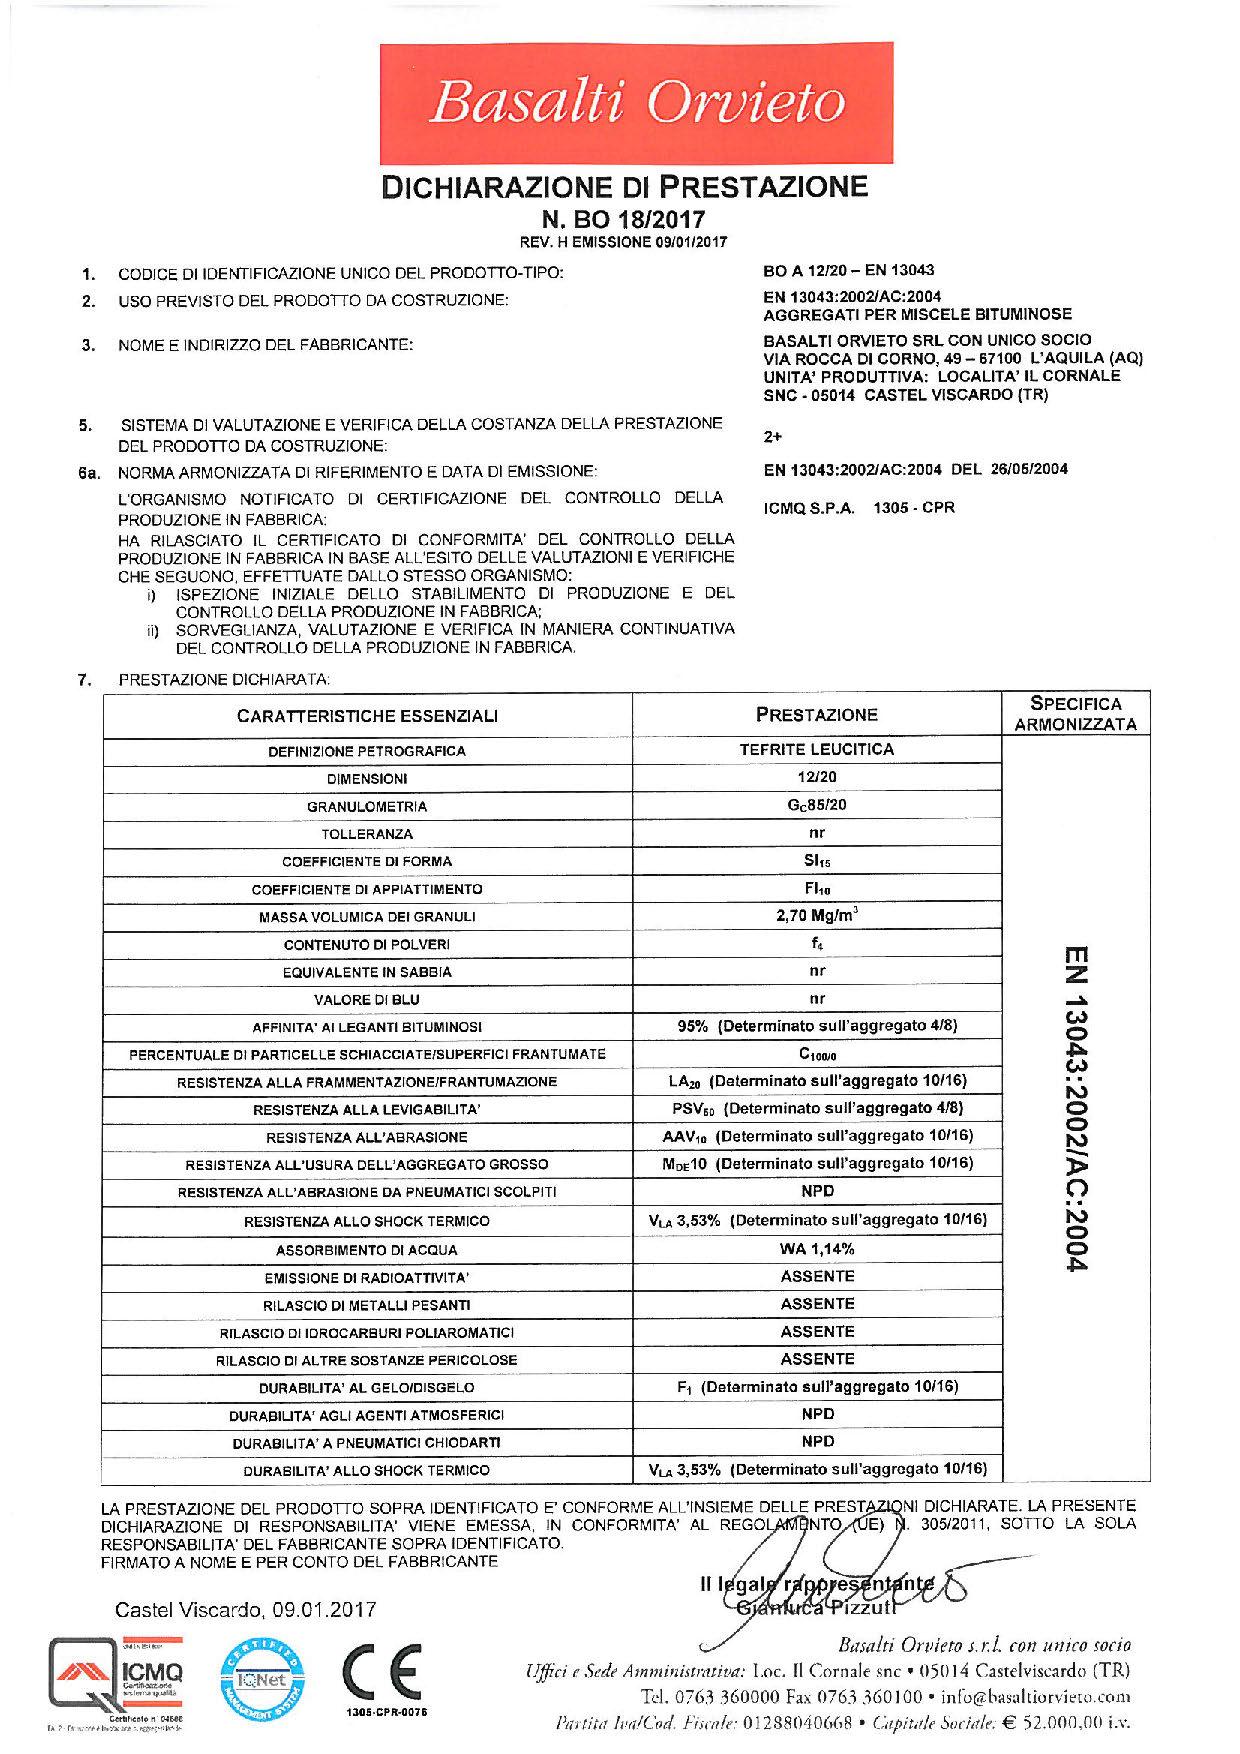 Asfalto_DoP 12-20 - EN 13043